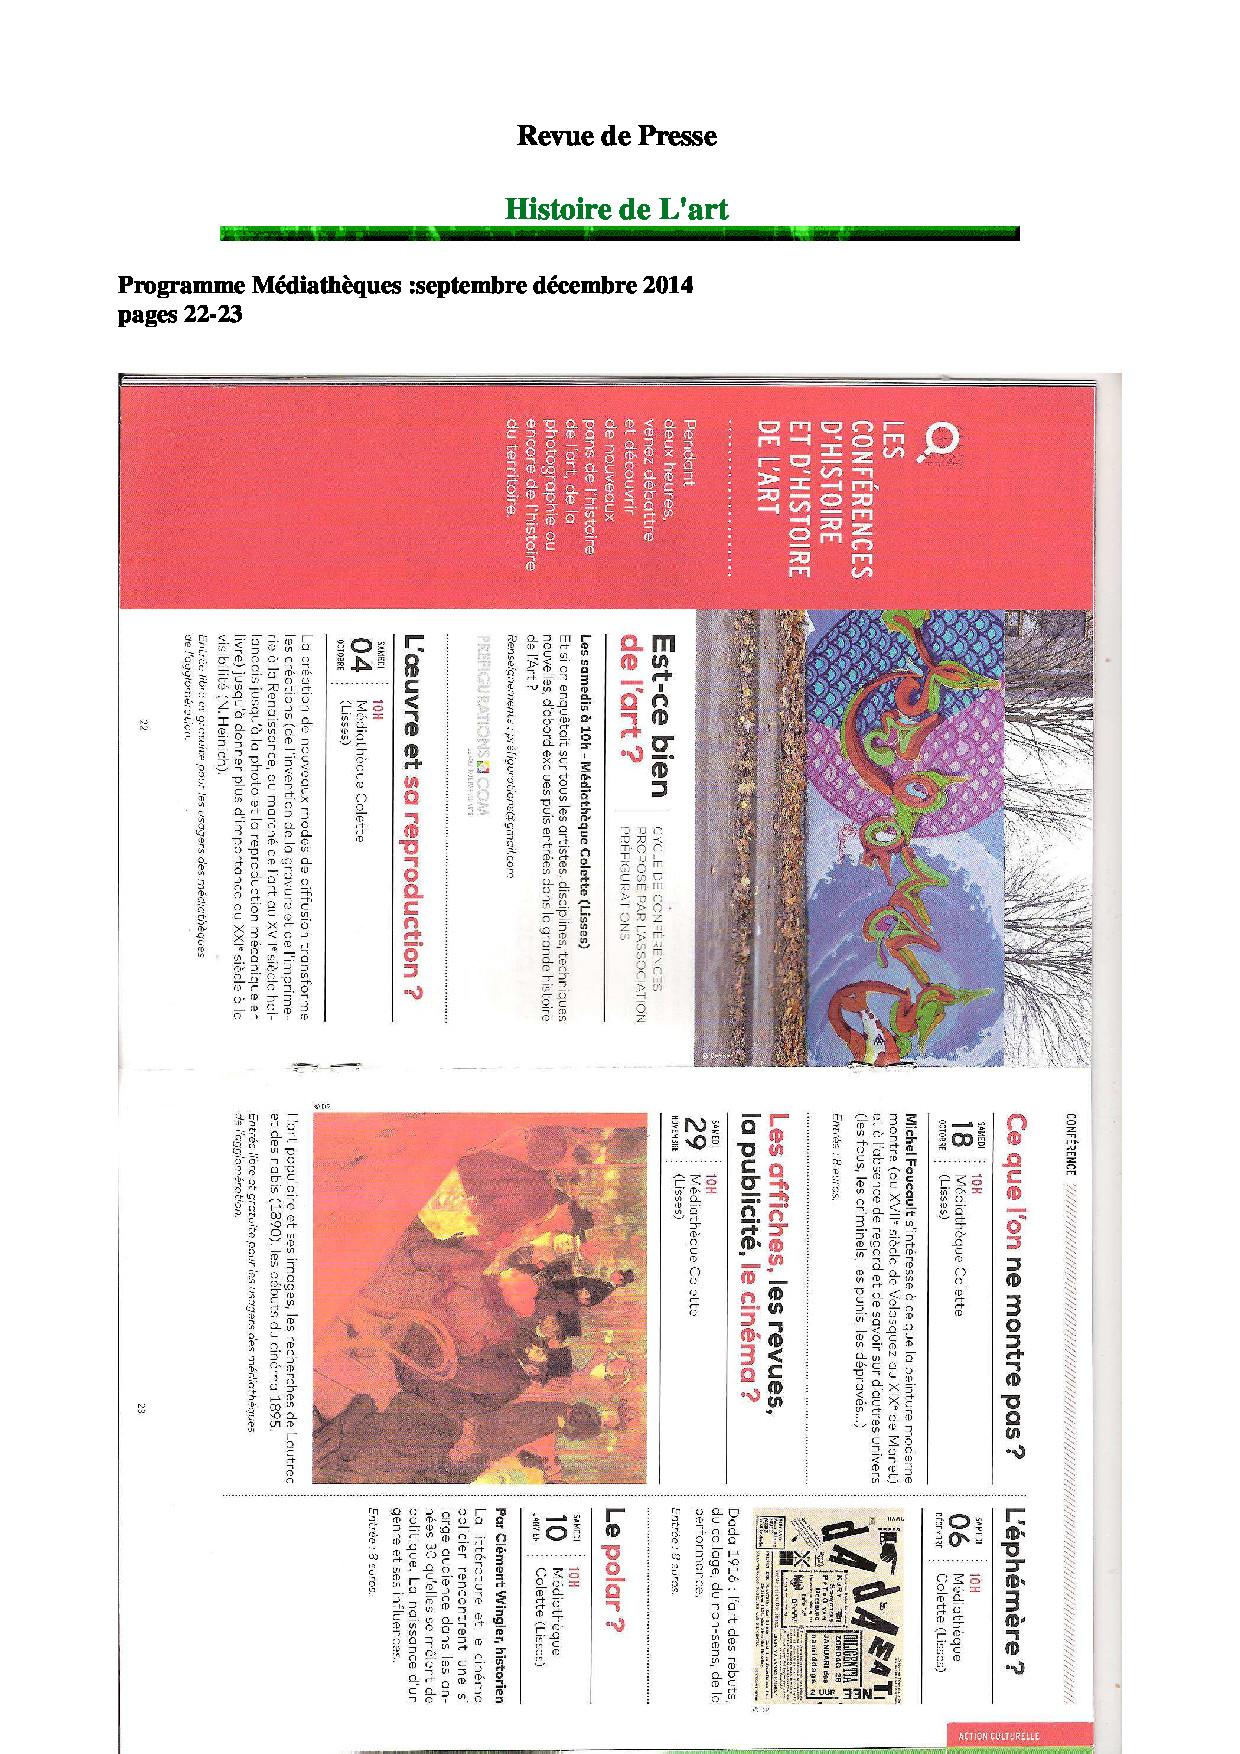 RDP programme des médiathèques sept decembre 2014 (1)